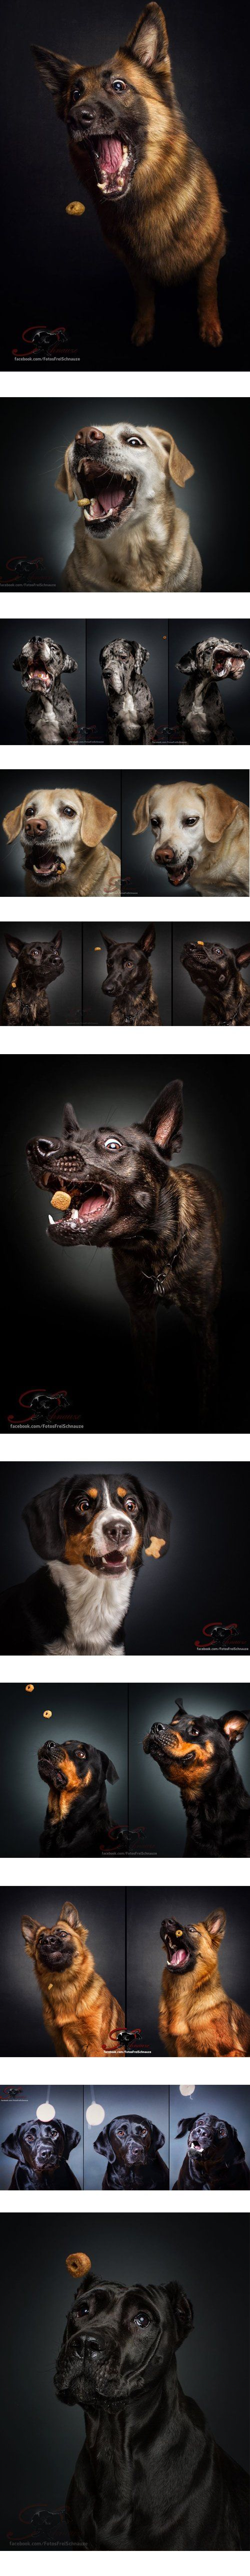 Ein Fotograf nimmt Hunde auf,  die gerade ein Leckerli fangen!